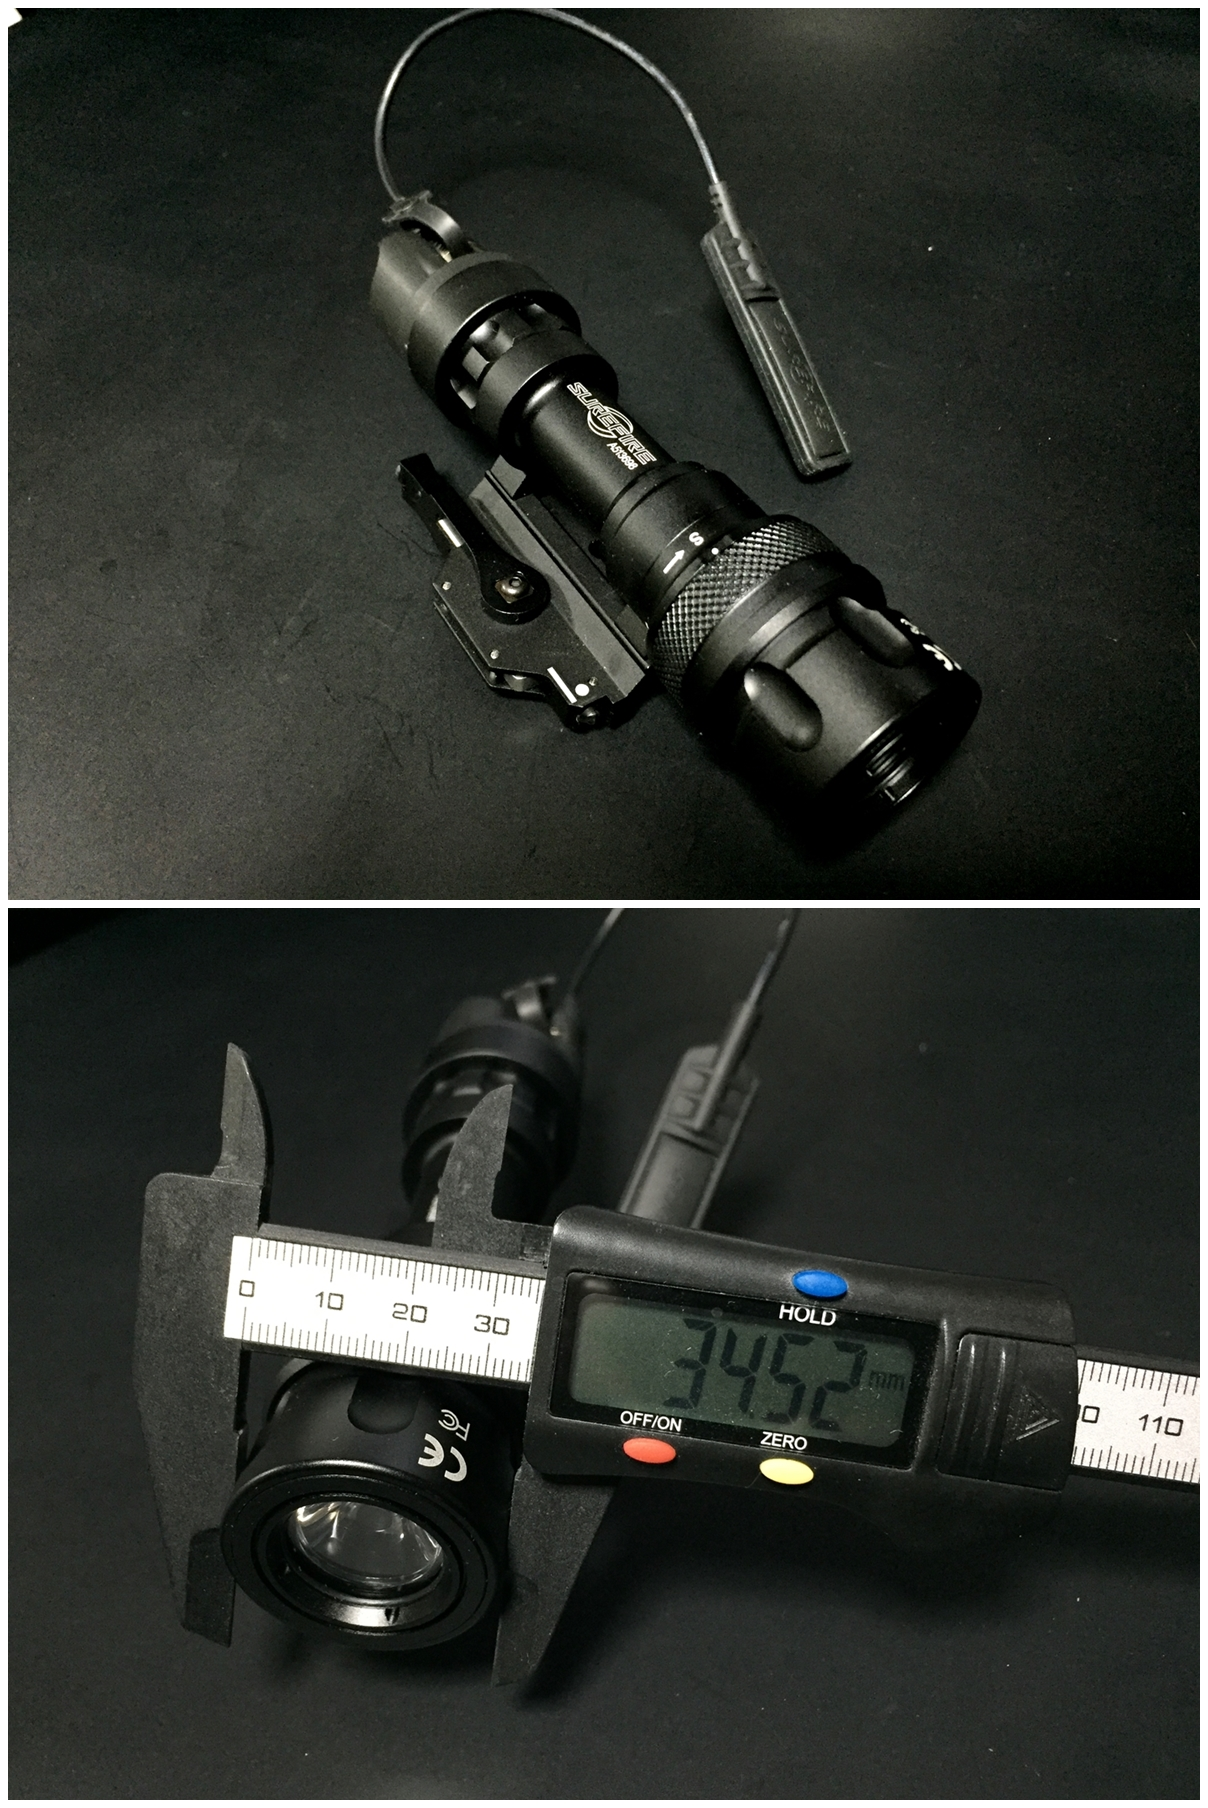 6 ELEMENT フラッシュライト ディフューザー フリップアップ式 カバー 1 47インチ 1 62インチ IRフィルター SUREFIRE タイプ レプリカ フラッシュライト カバー 比較 取付 加工 レビュー